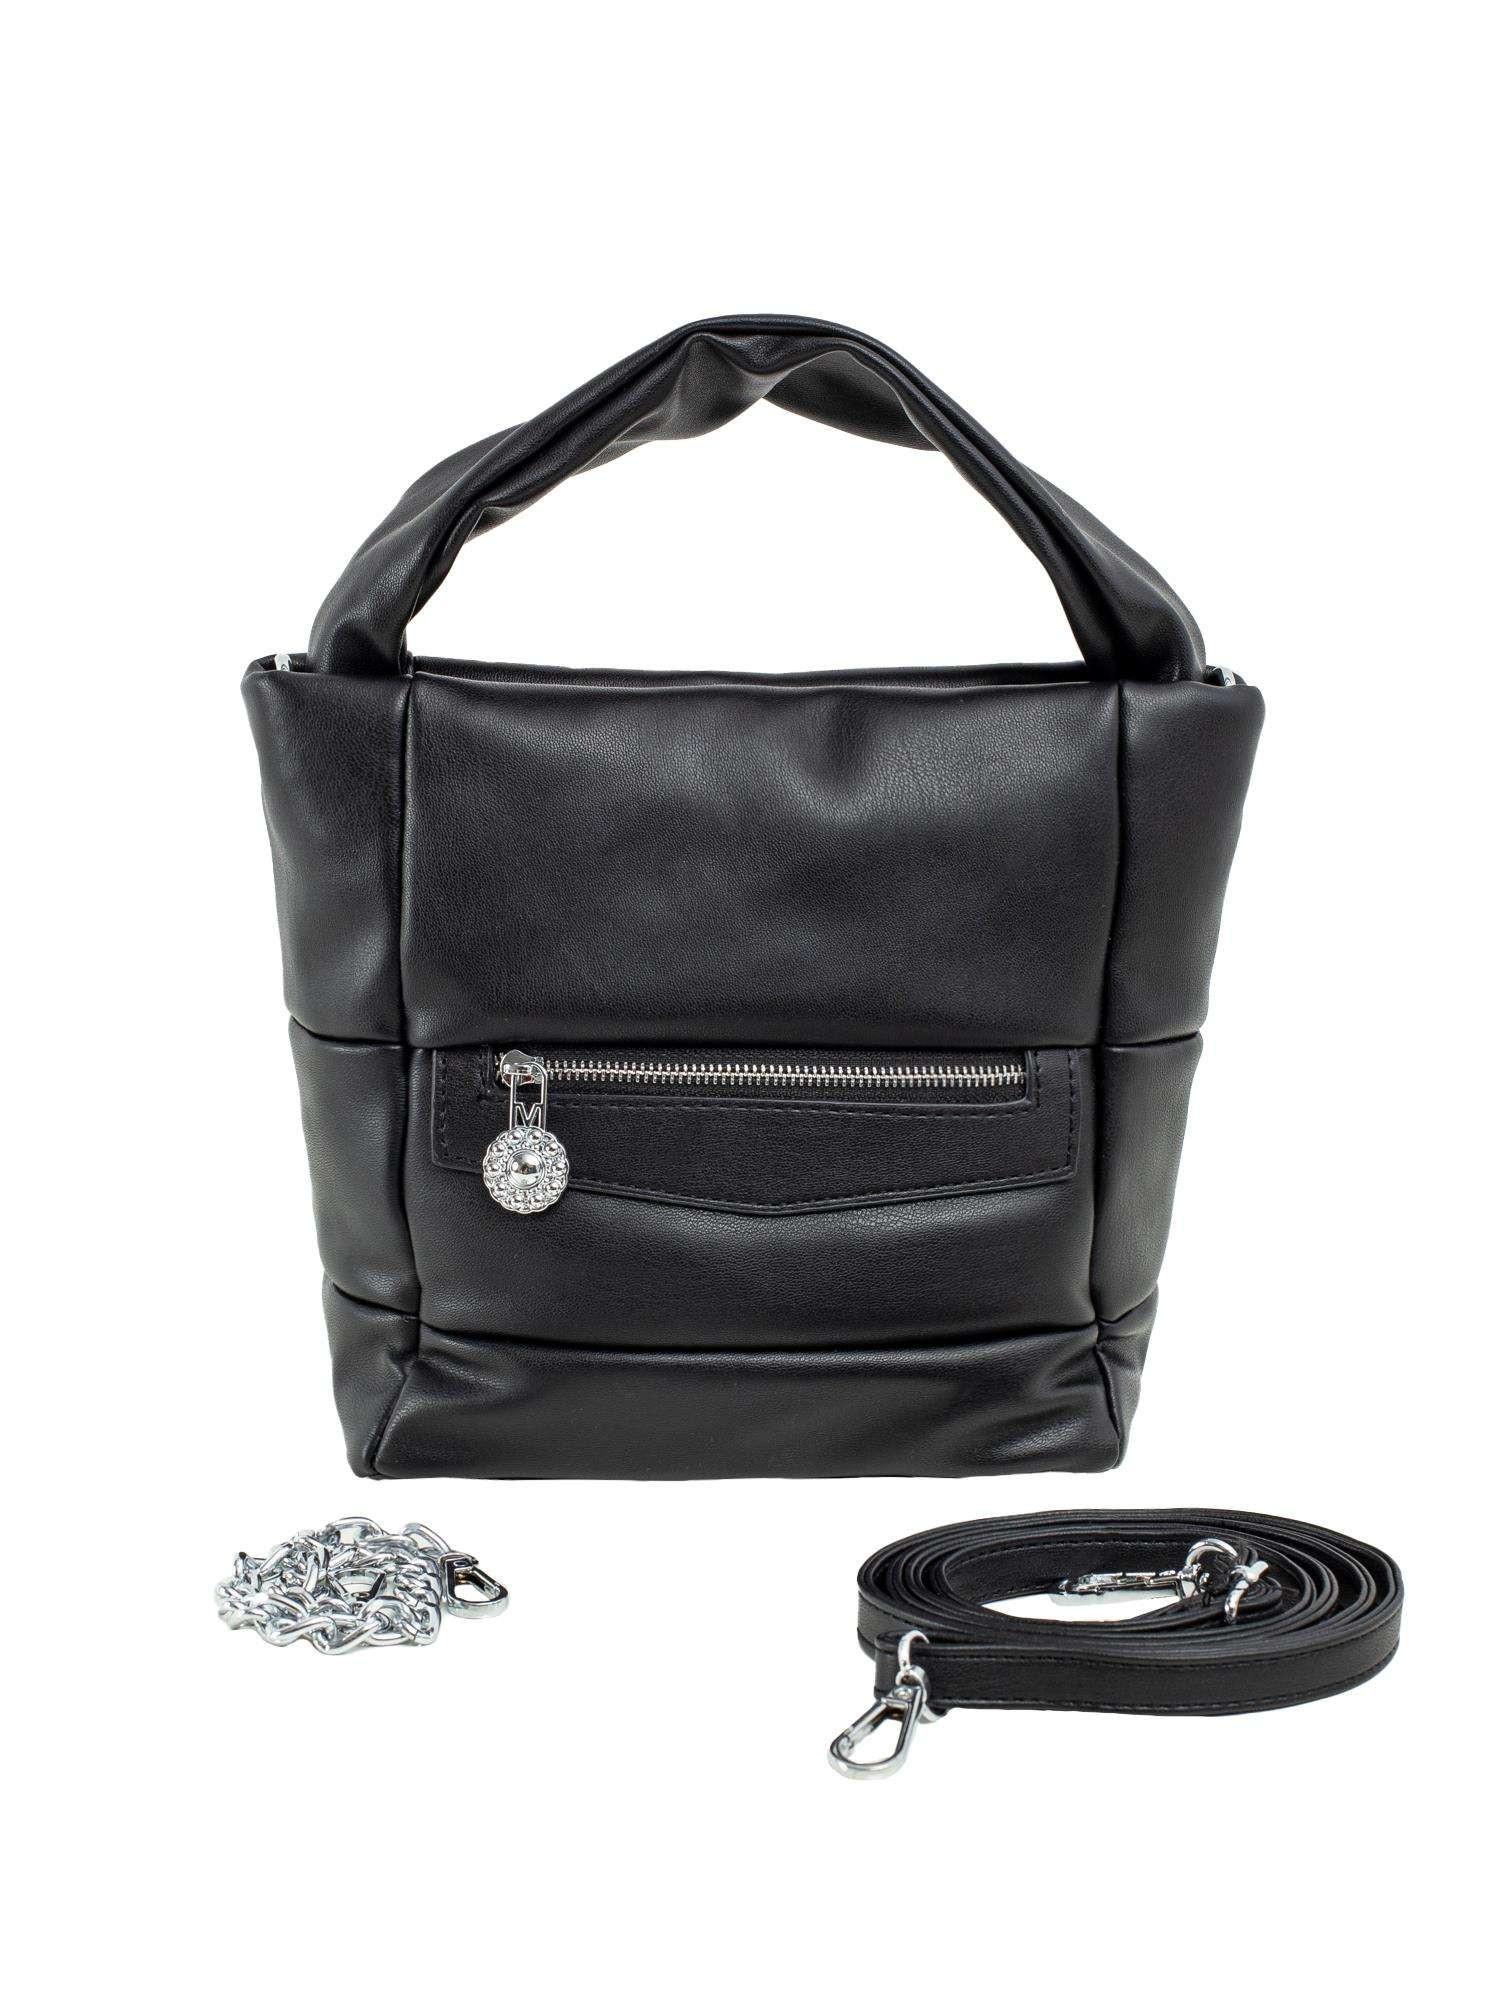 Čierna dámska kabelka vyrobená z ekologickej kože ONE SIZE